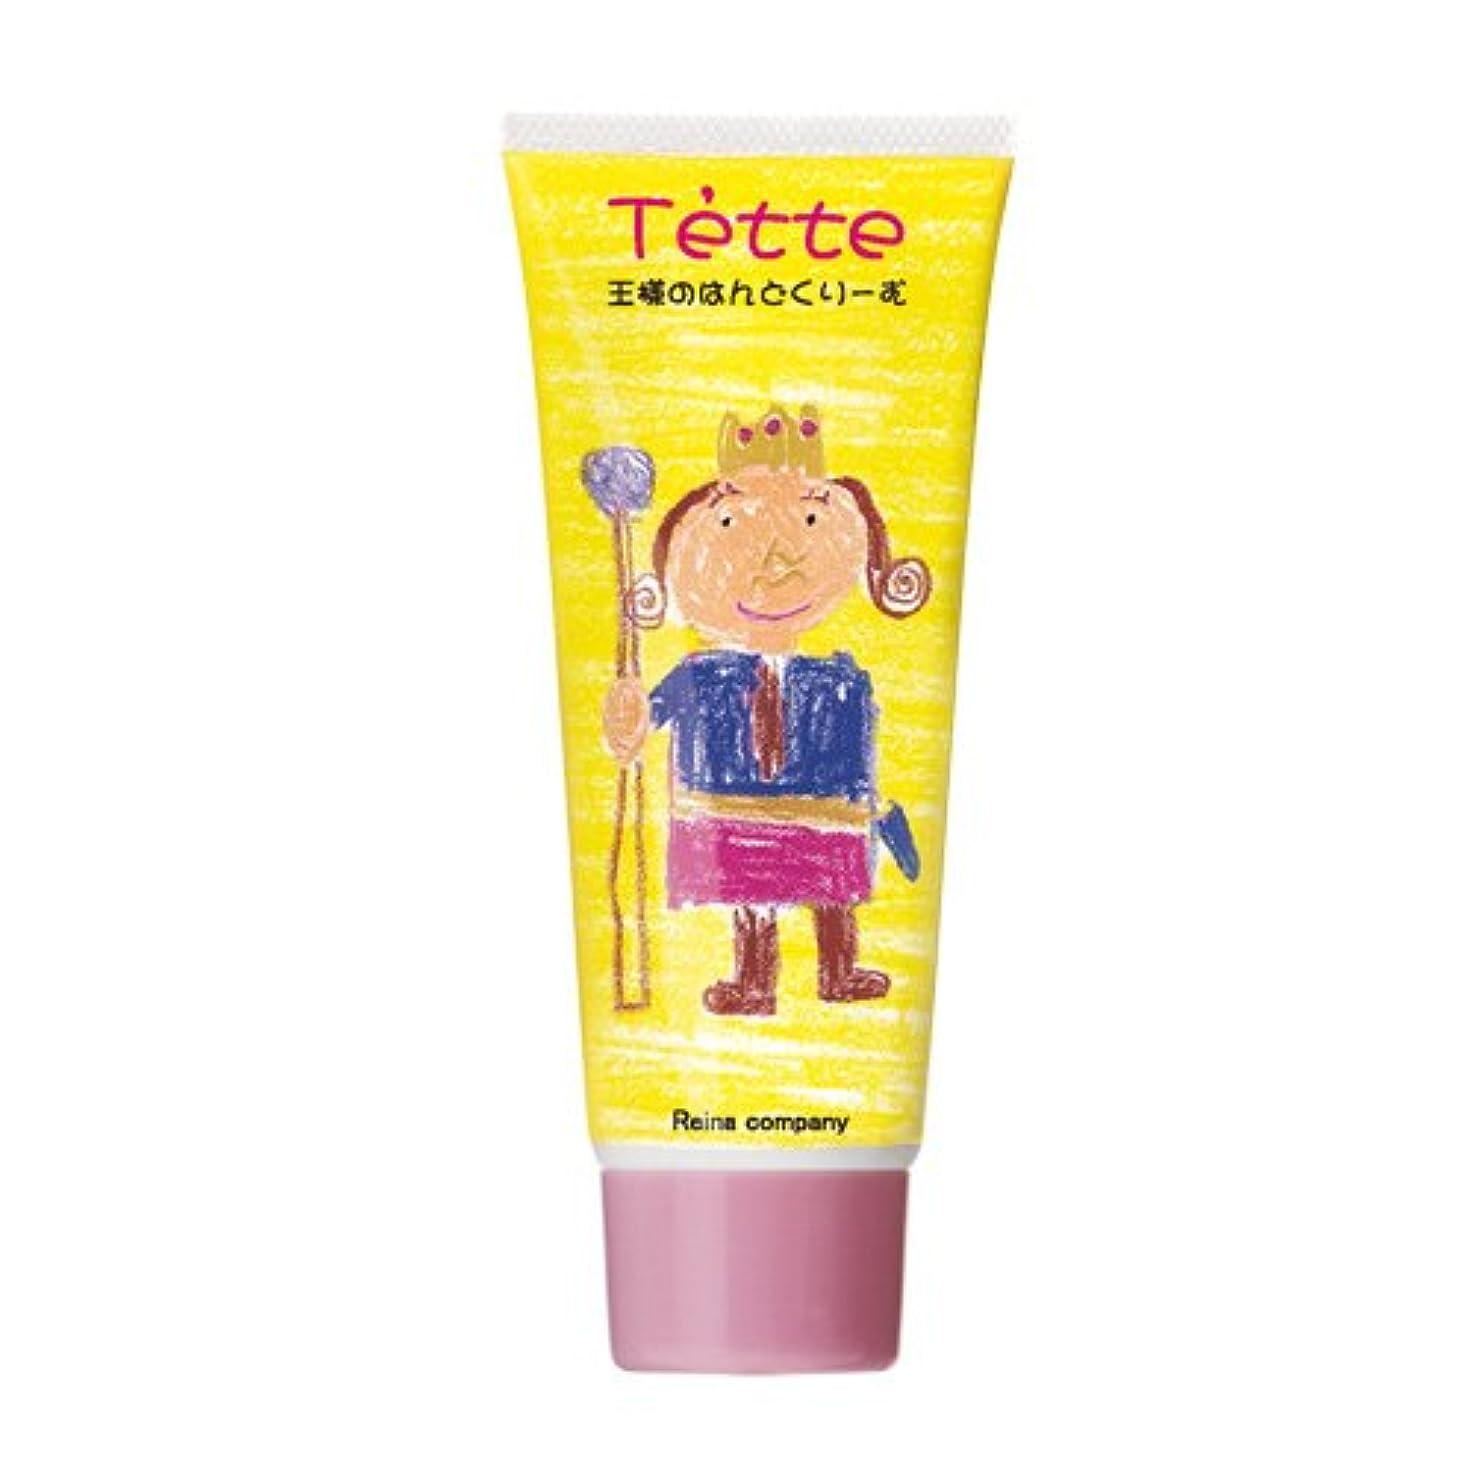 ええ早熟前提条件Tette(テッテ) 王様のハンドクリーム 65g